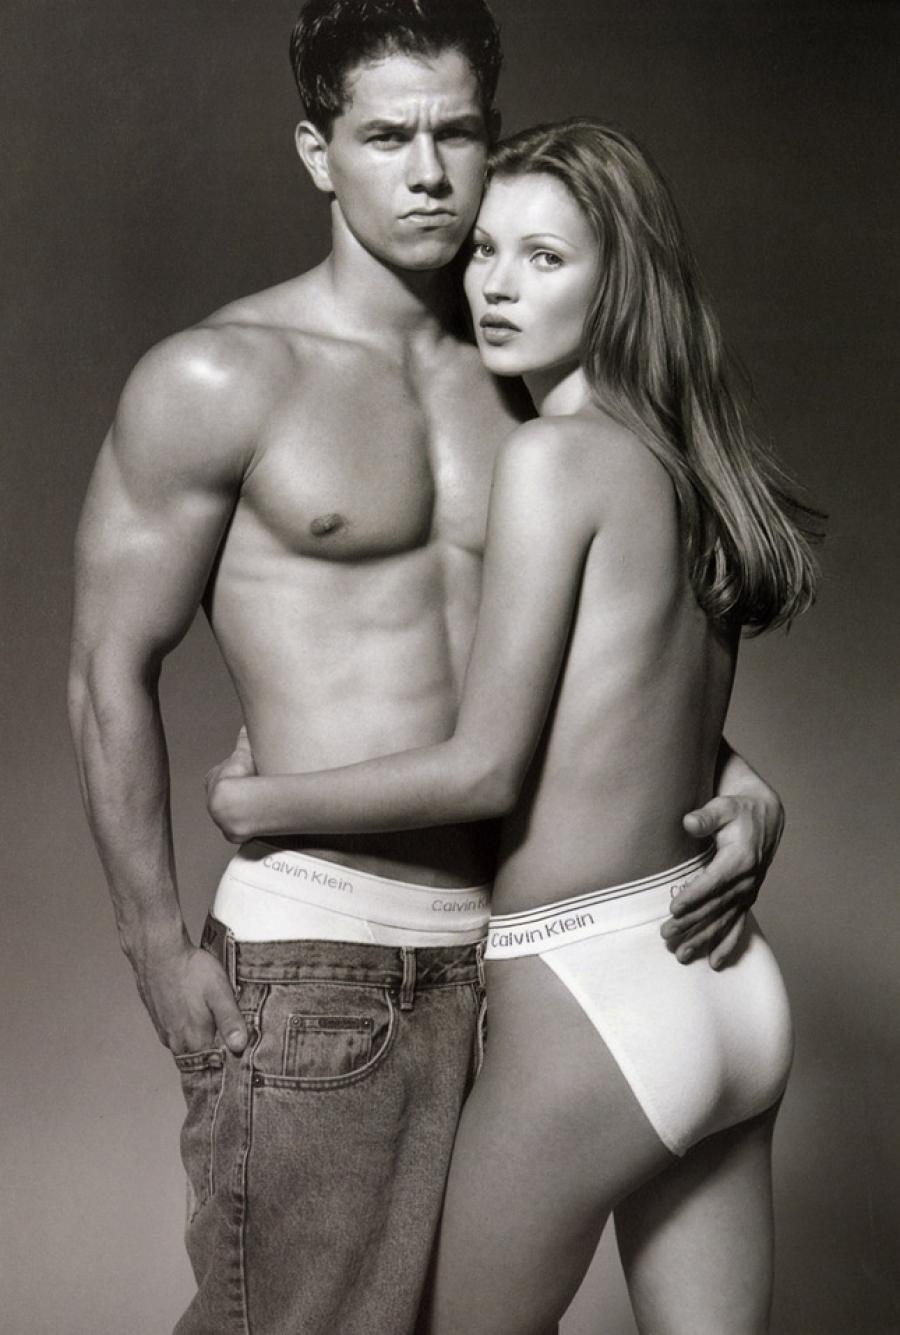 Кейт Мосс В 1992 году Calvin Klein выпустил первую коллекцию одежды в стиле унисекс, набиравшем в то